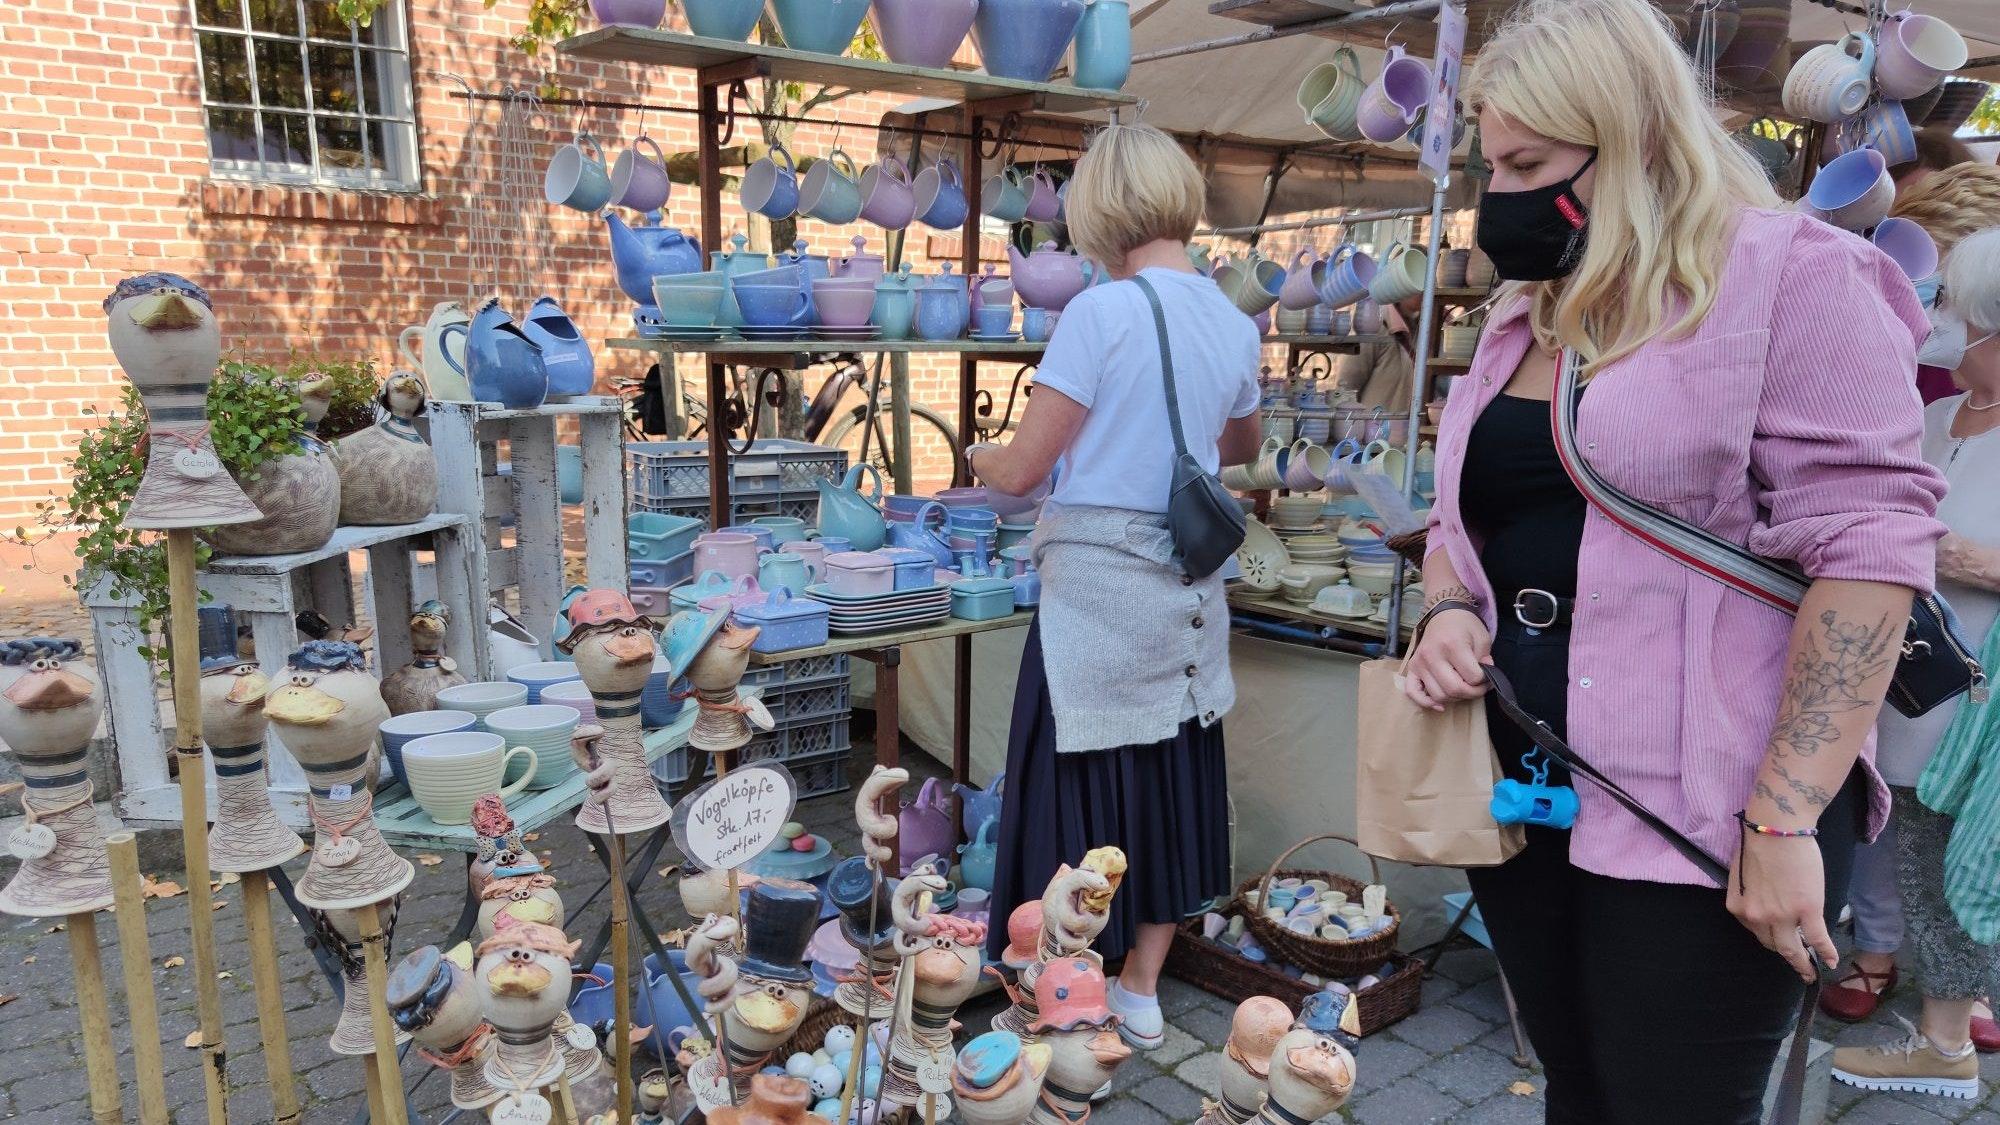 Alles echte Handarbeit: Auf dem mittlerweile 37. Töpfermarkt in Damme gab es gestern höchst anspruchsvolle Arbeiten und Unikate zu bestaunen. Foto: Röttgers